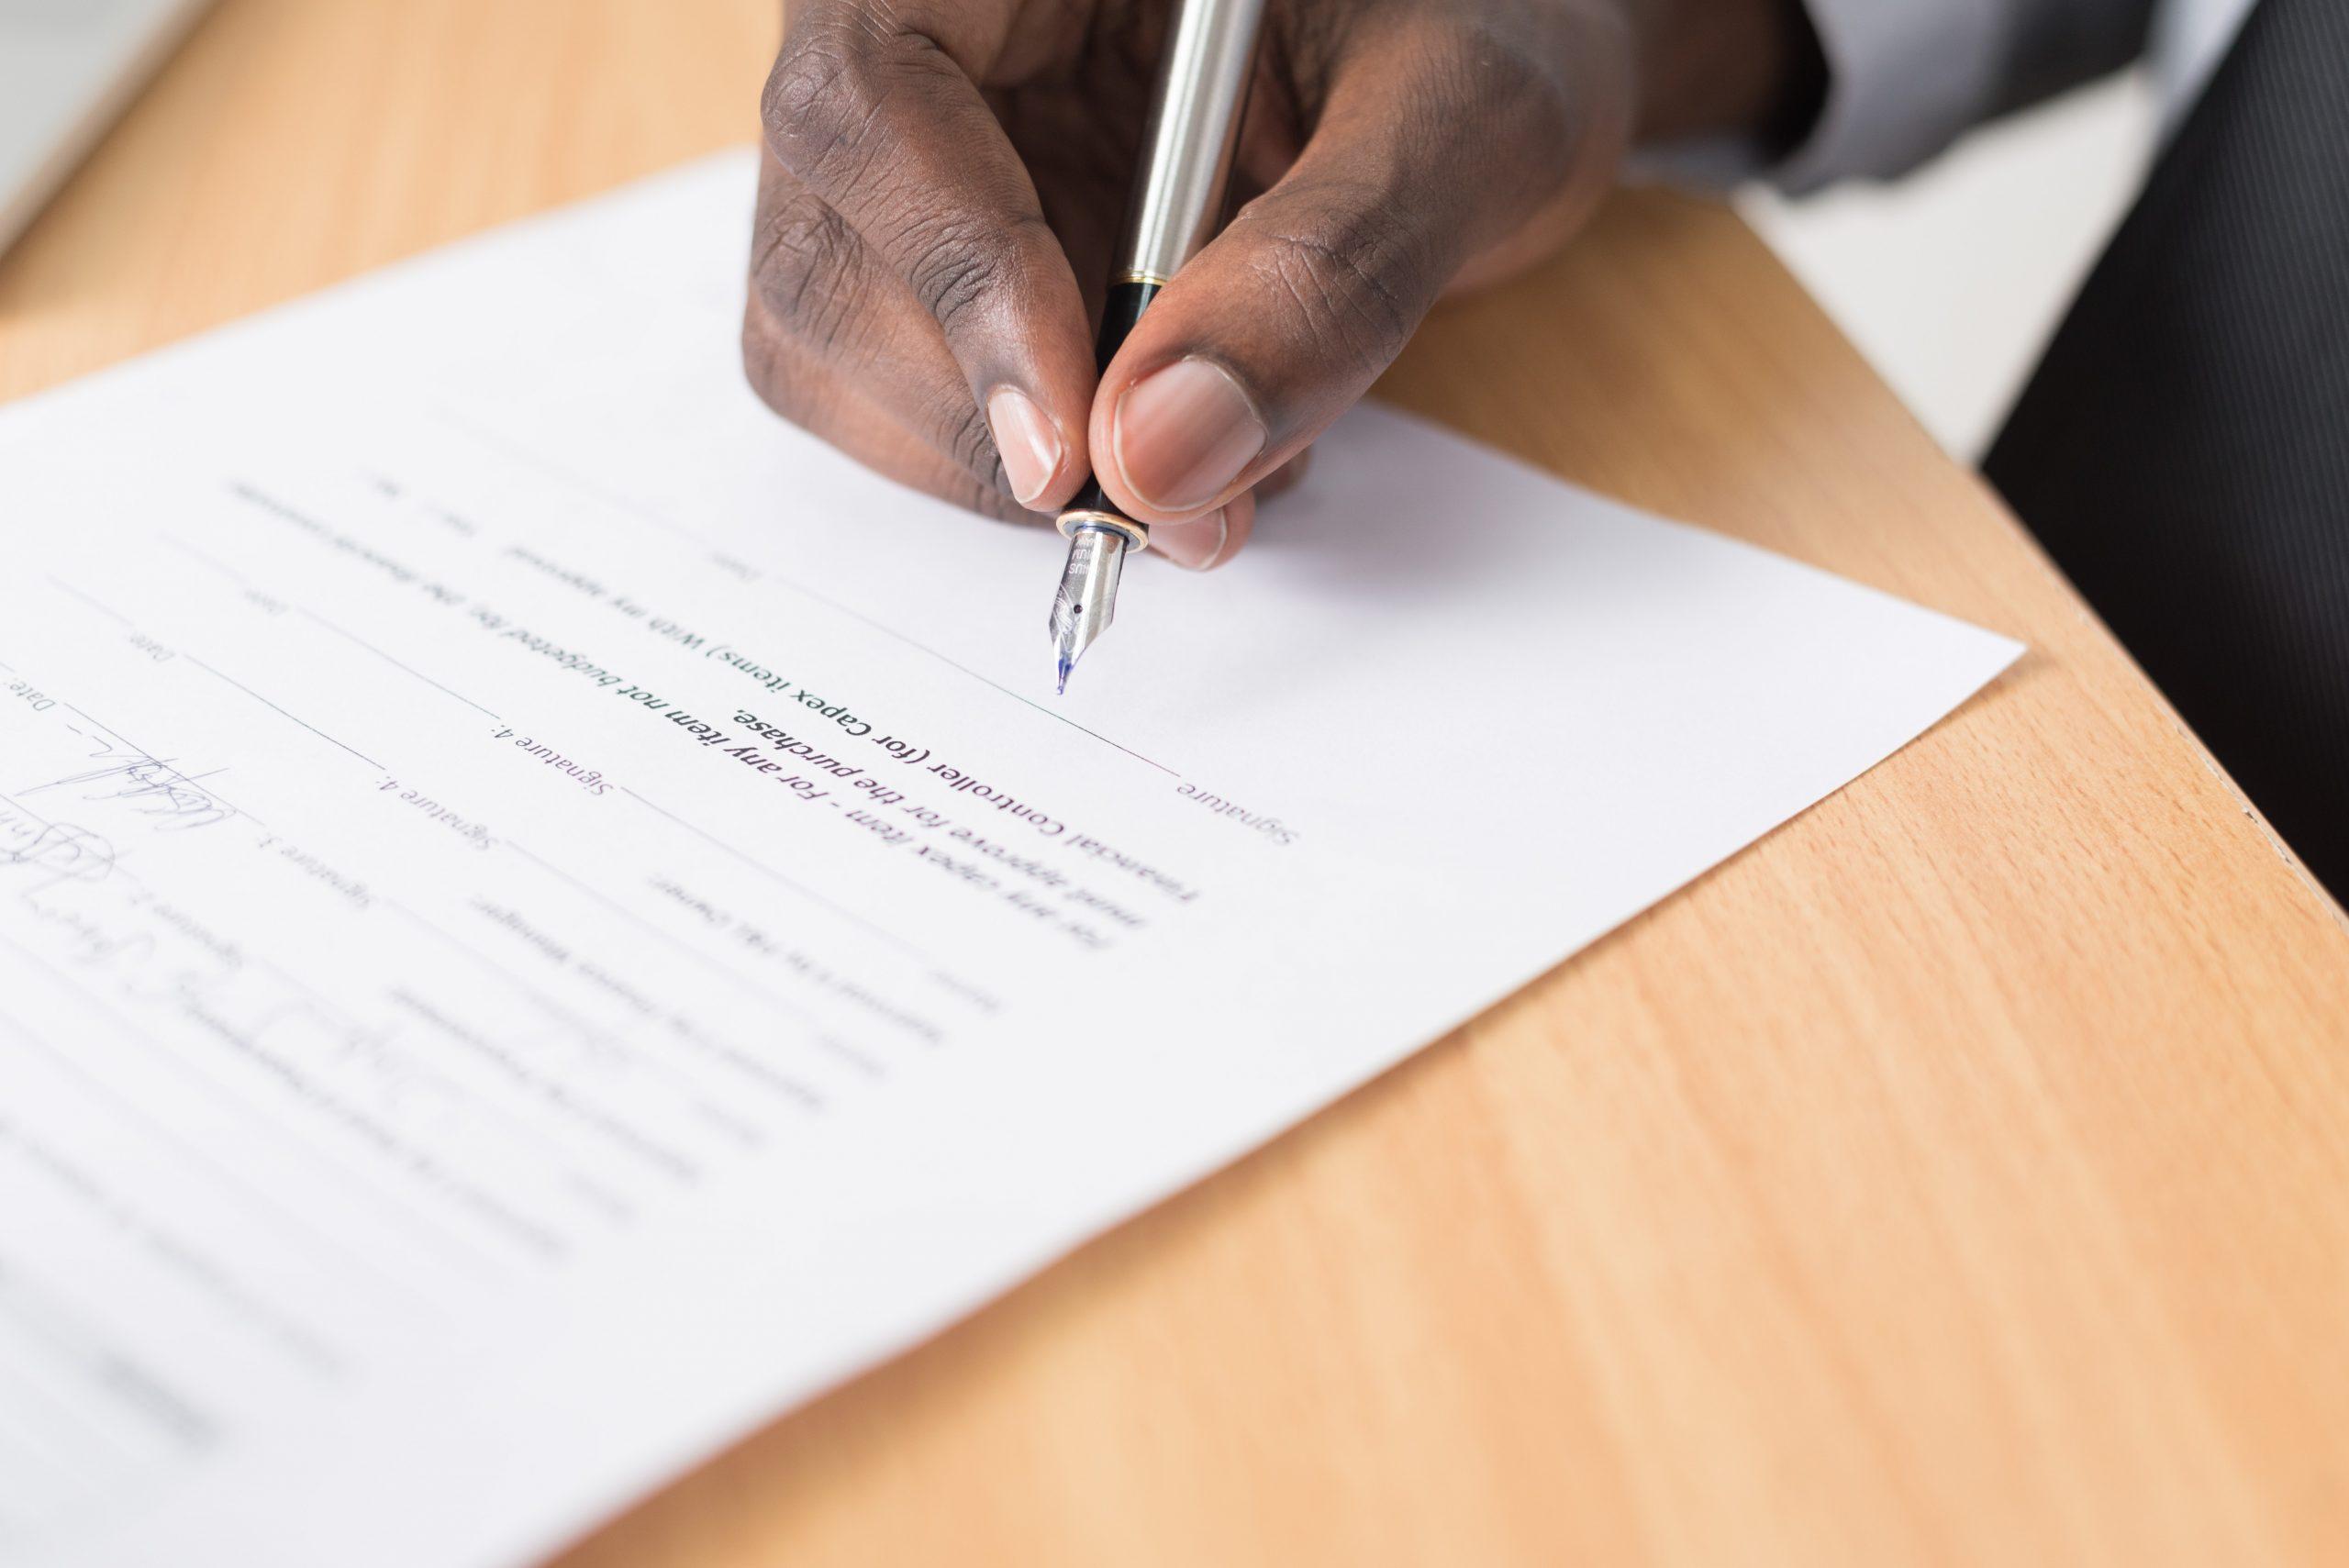 homem assinando um contrato de projeto